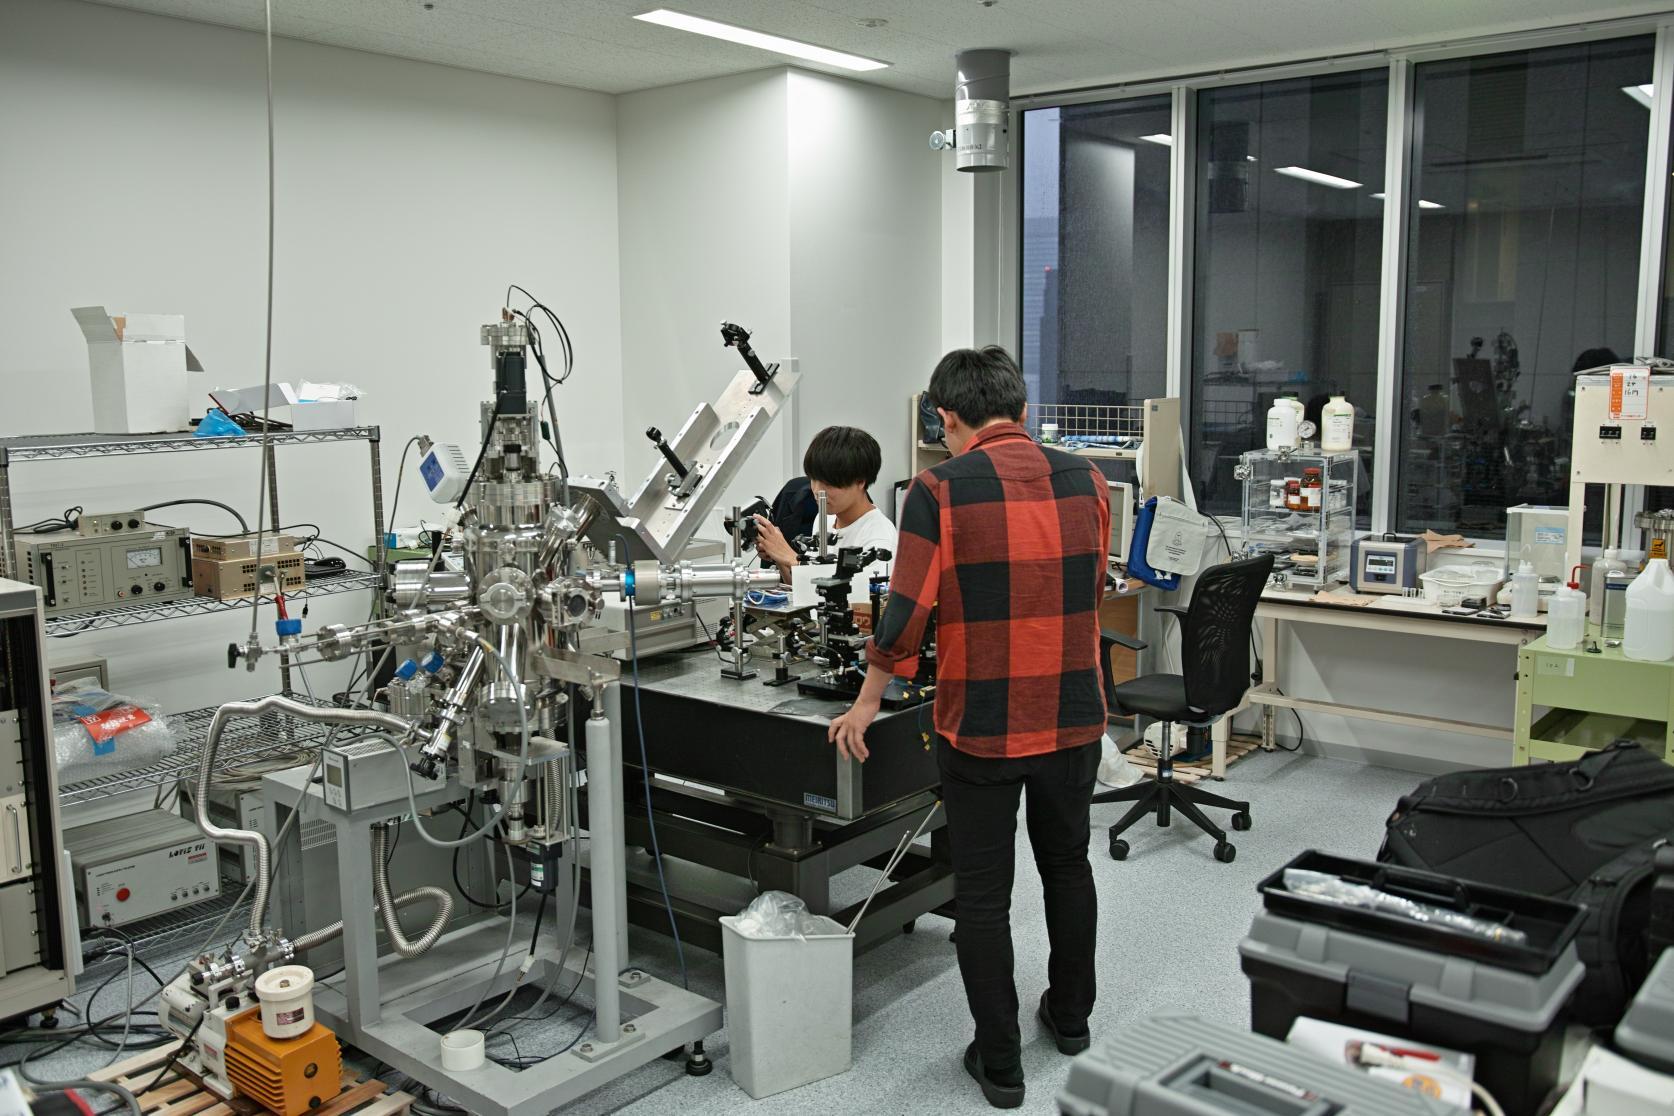 10月6日(土) :電気工学科オープンラボ開催ー新校舎タワー・スコラで研究室を公開ー